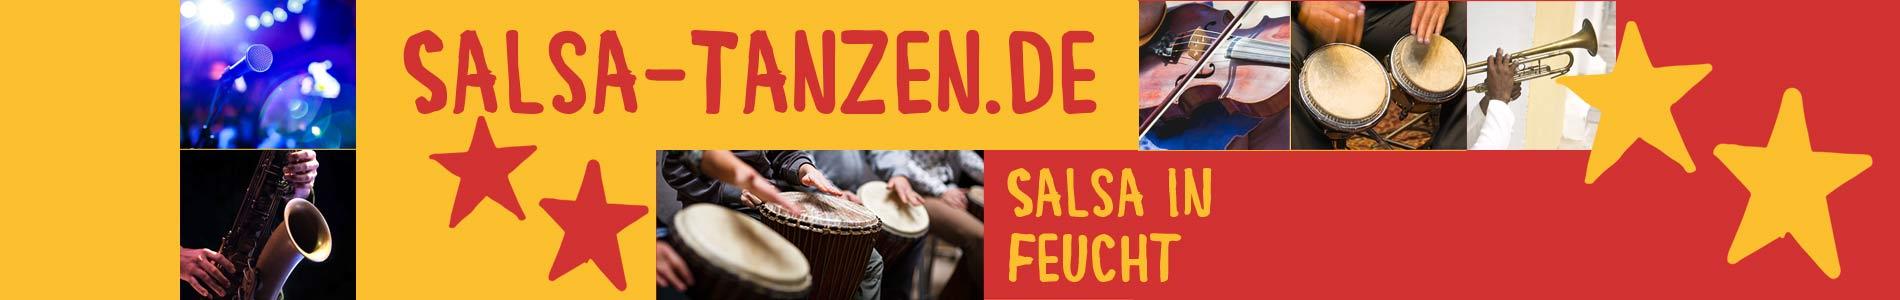 Salsa in Feucht – Salsa lernen und tanzen, Tanzkurse, Partys, Veranstaltungen